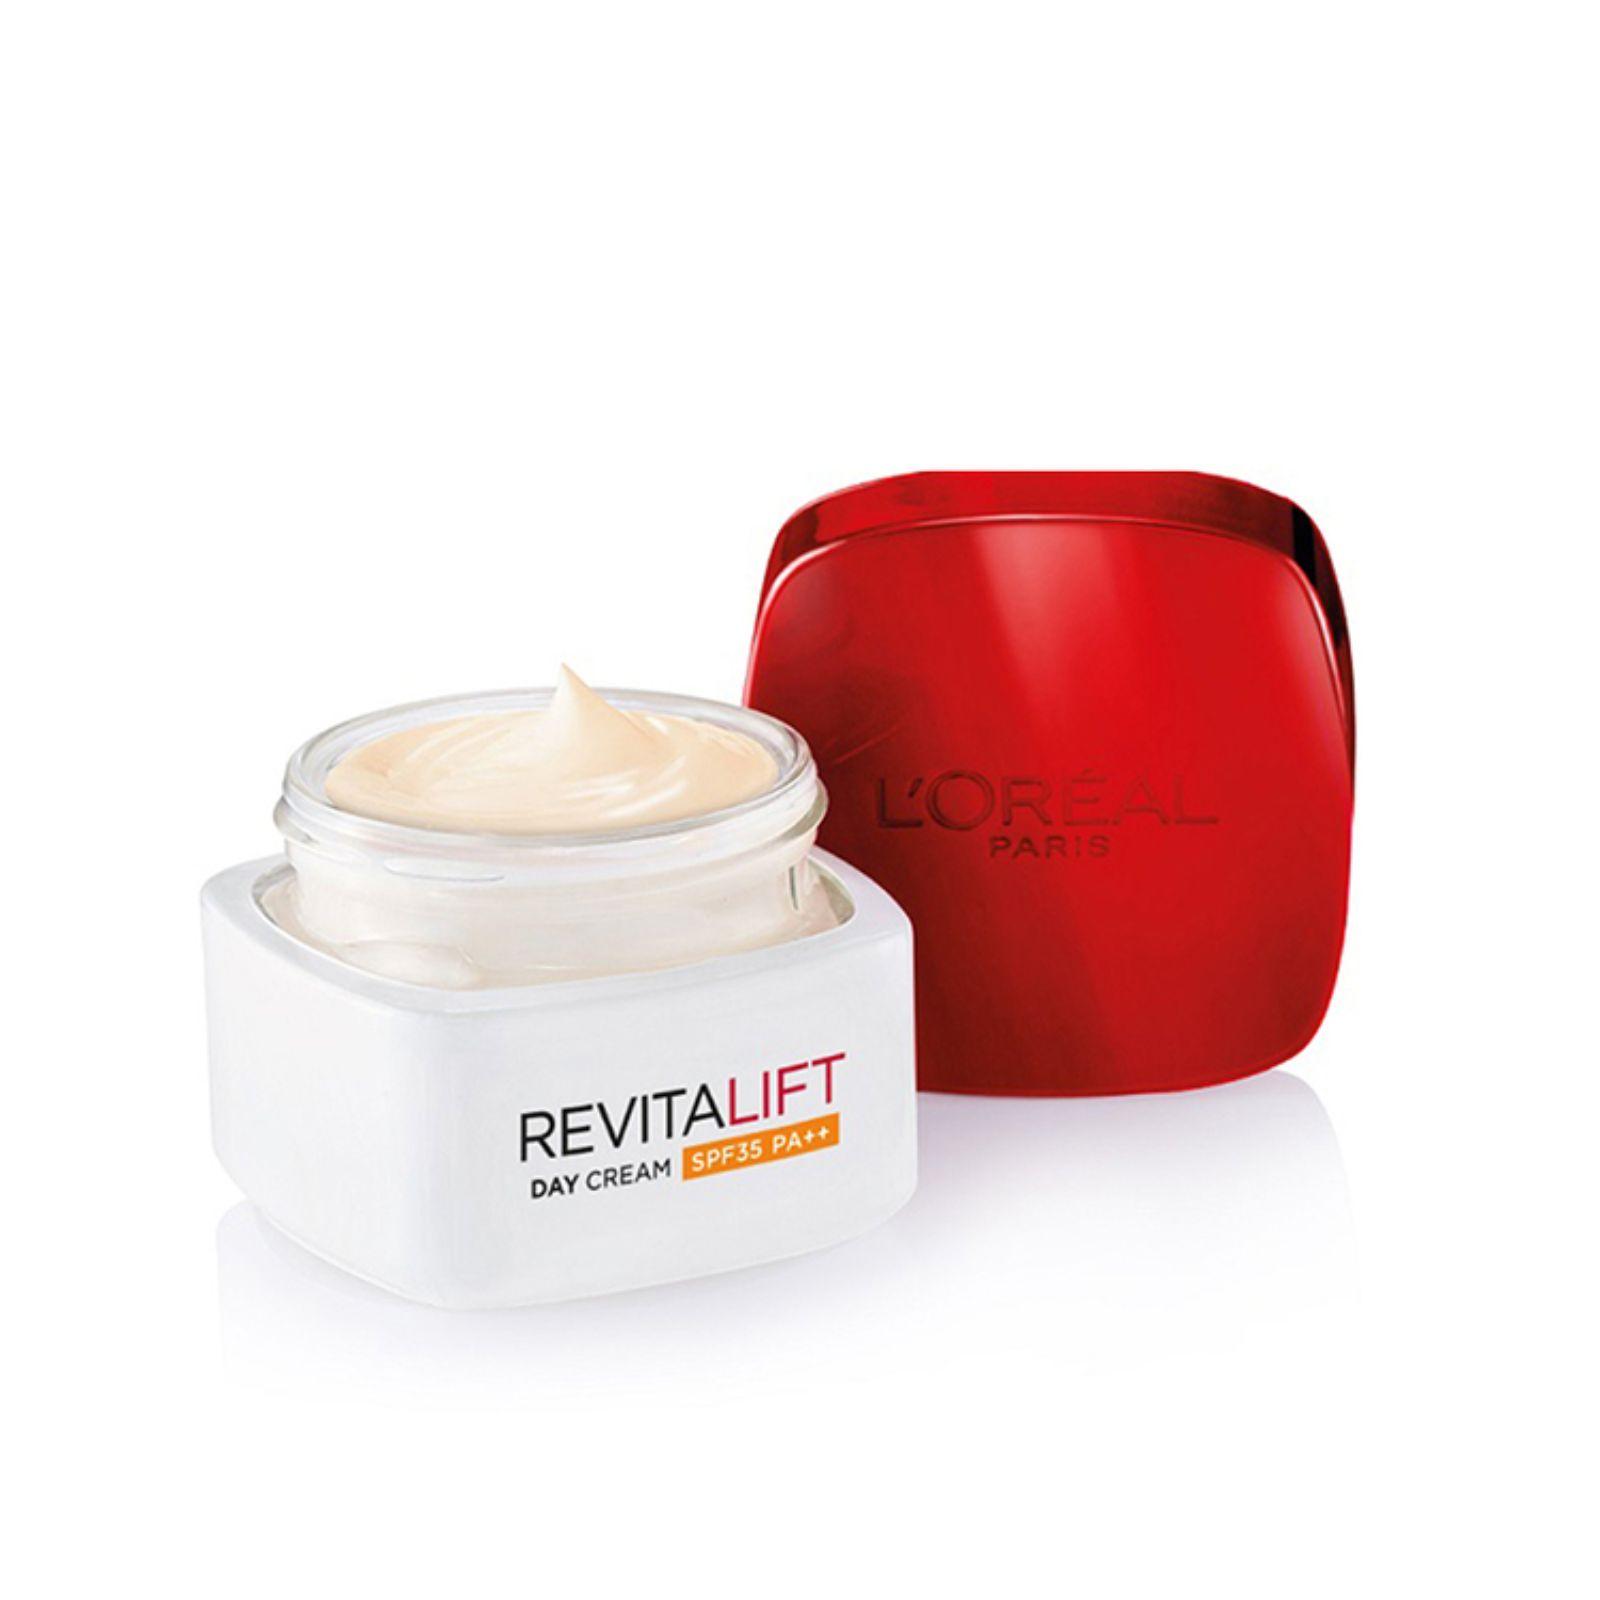 L'Oreal Paris Revitalift Day Cream SPF35 (50ml)